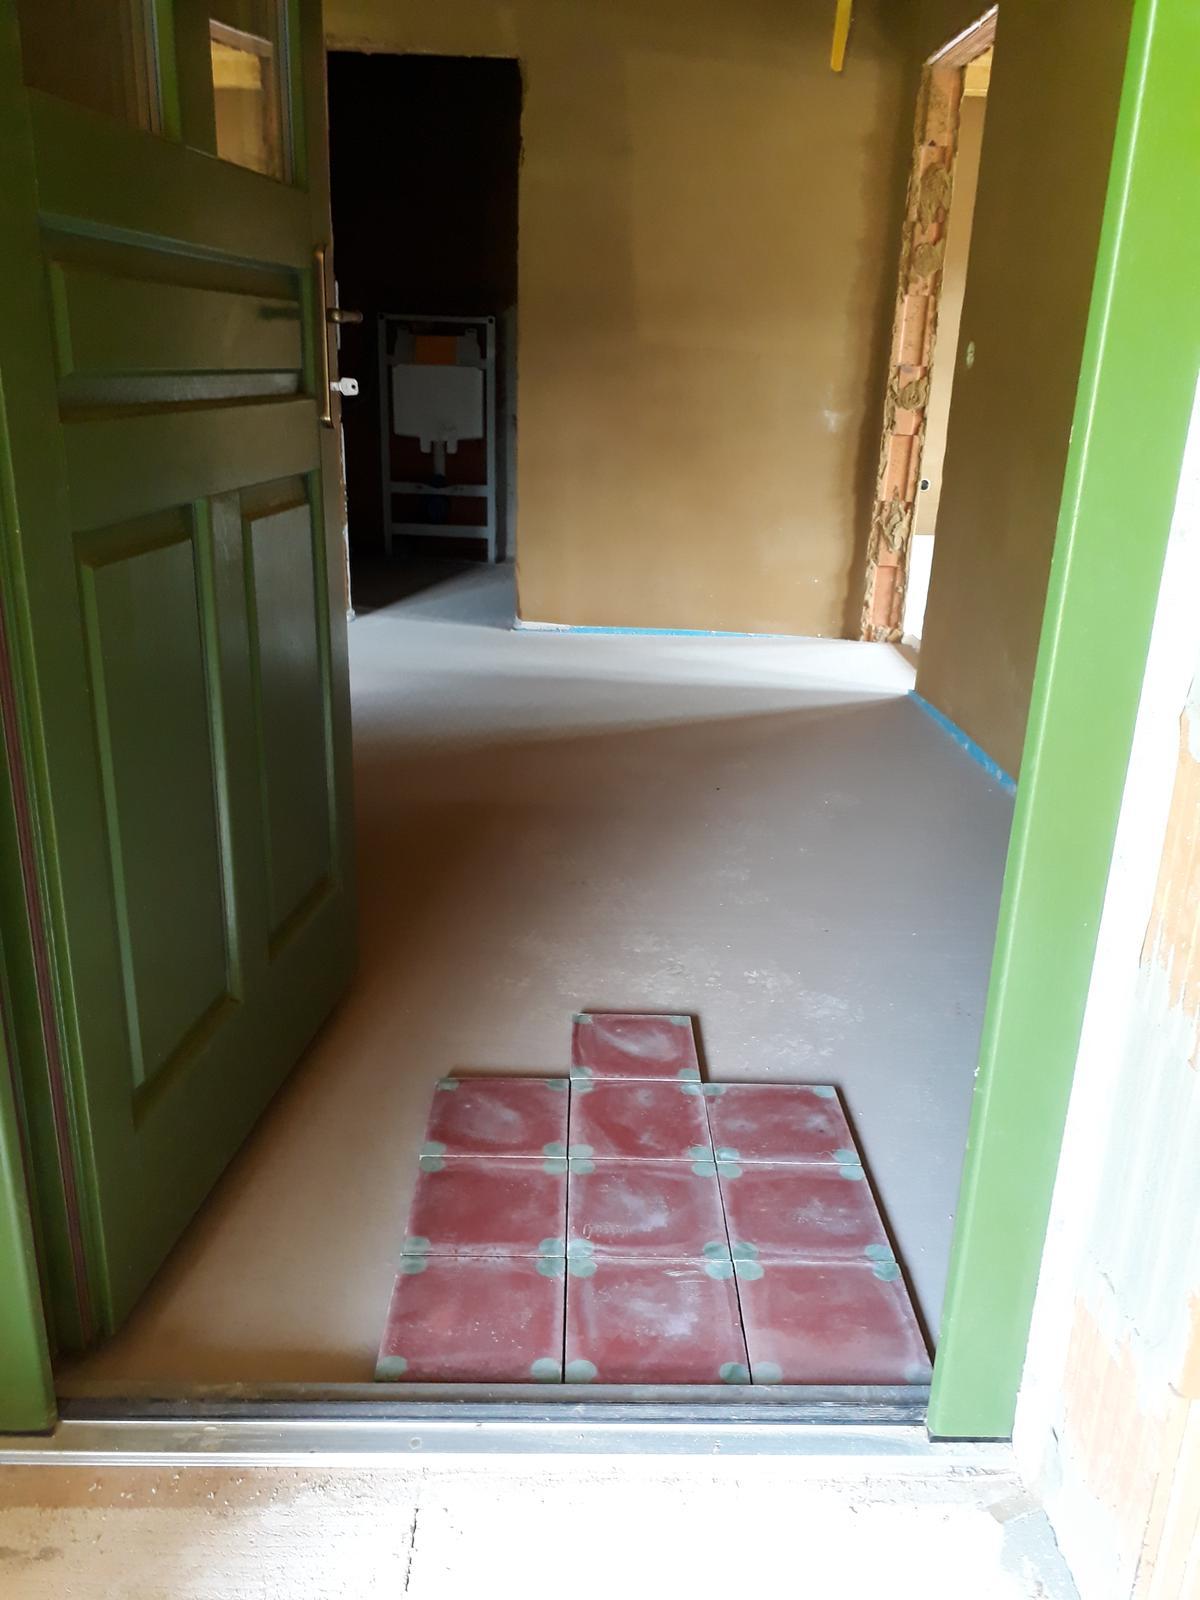 Naša chalupa - naša budúca podlaha do chodby, kúpeľky a WC...cementová, ručné robená u majstra z Hliníka nad Hronom....už aby bola položená a naleštená :)